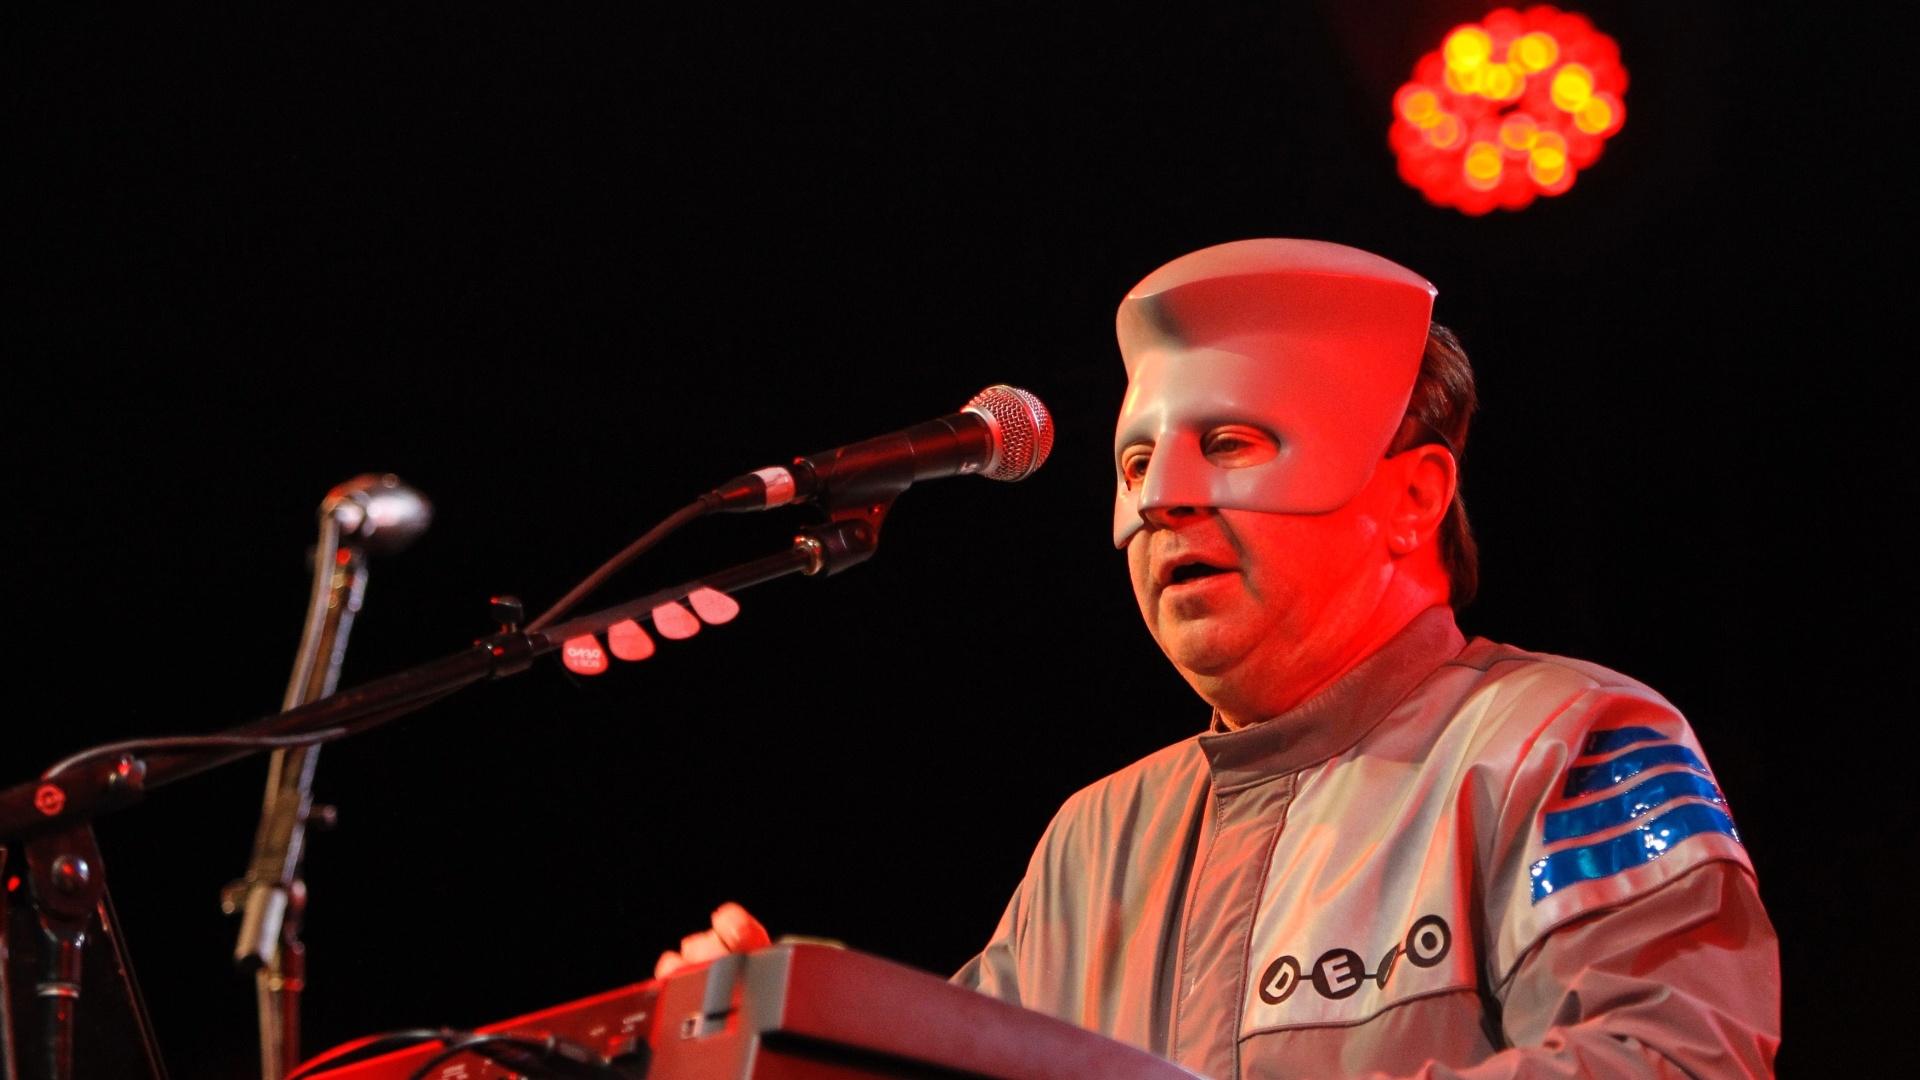 17.abr.2010 - Bob Casale, do Devo, faz show no festival Coachella, na cidade de Indio, na Califórnia